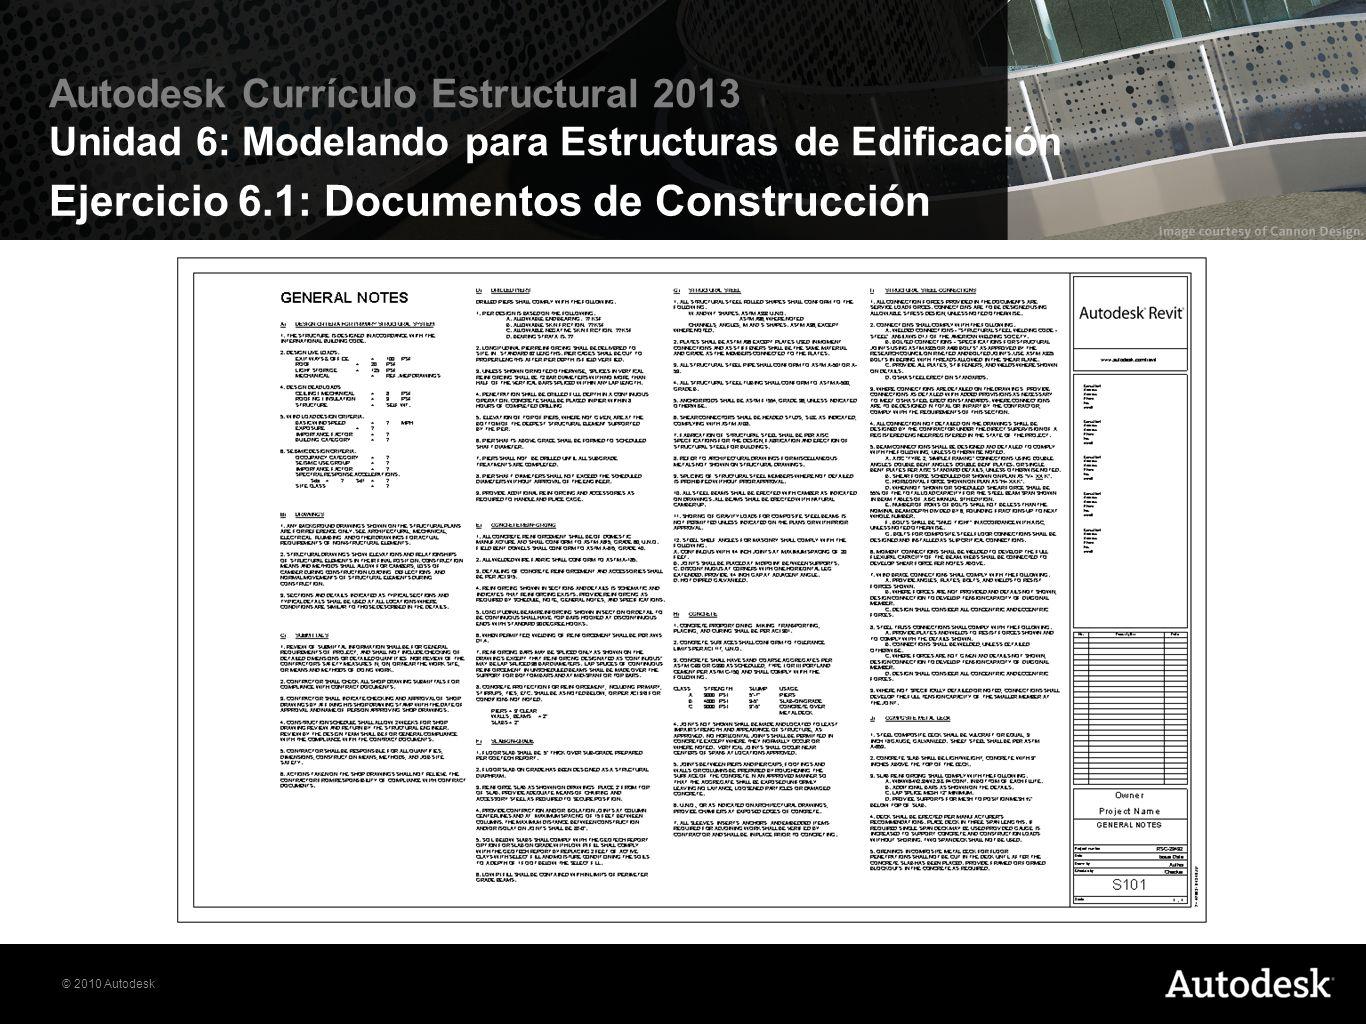 © 2010 Autodesk Autodesk Currículo Estructural 2013 Unidad 6: Modelando para Estructuras de Edificación Ejercicio 6.2: Planos, Cimentación y Estructura